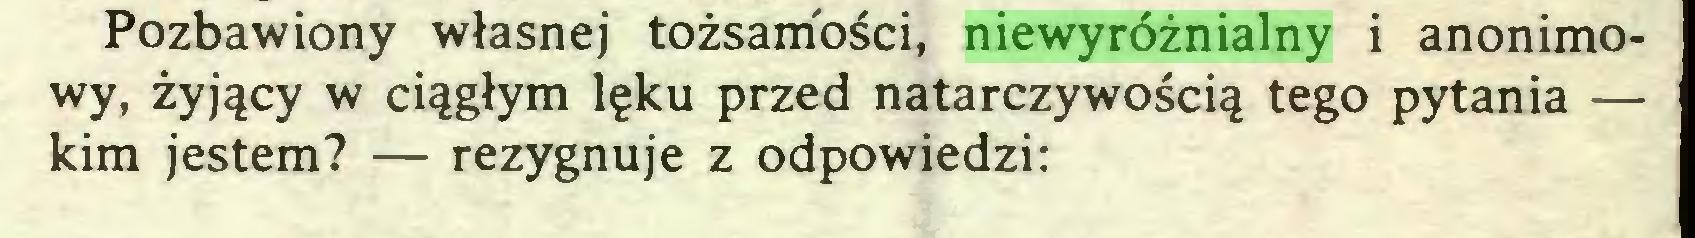 (...) Pozbawiony własnej tożsamości, niewyróżnialny i anonimowy, żyjący w ciągłym lęku przed natarczywością tego pytania — kim jestem? — rezygnuje z odpowiedzi:...